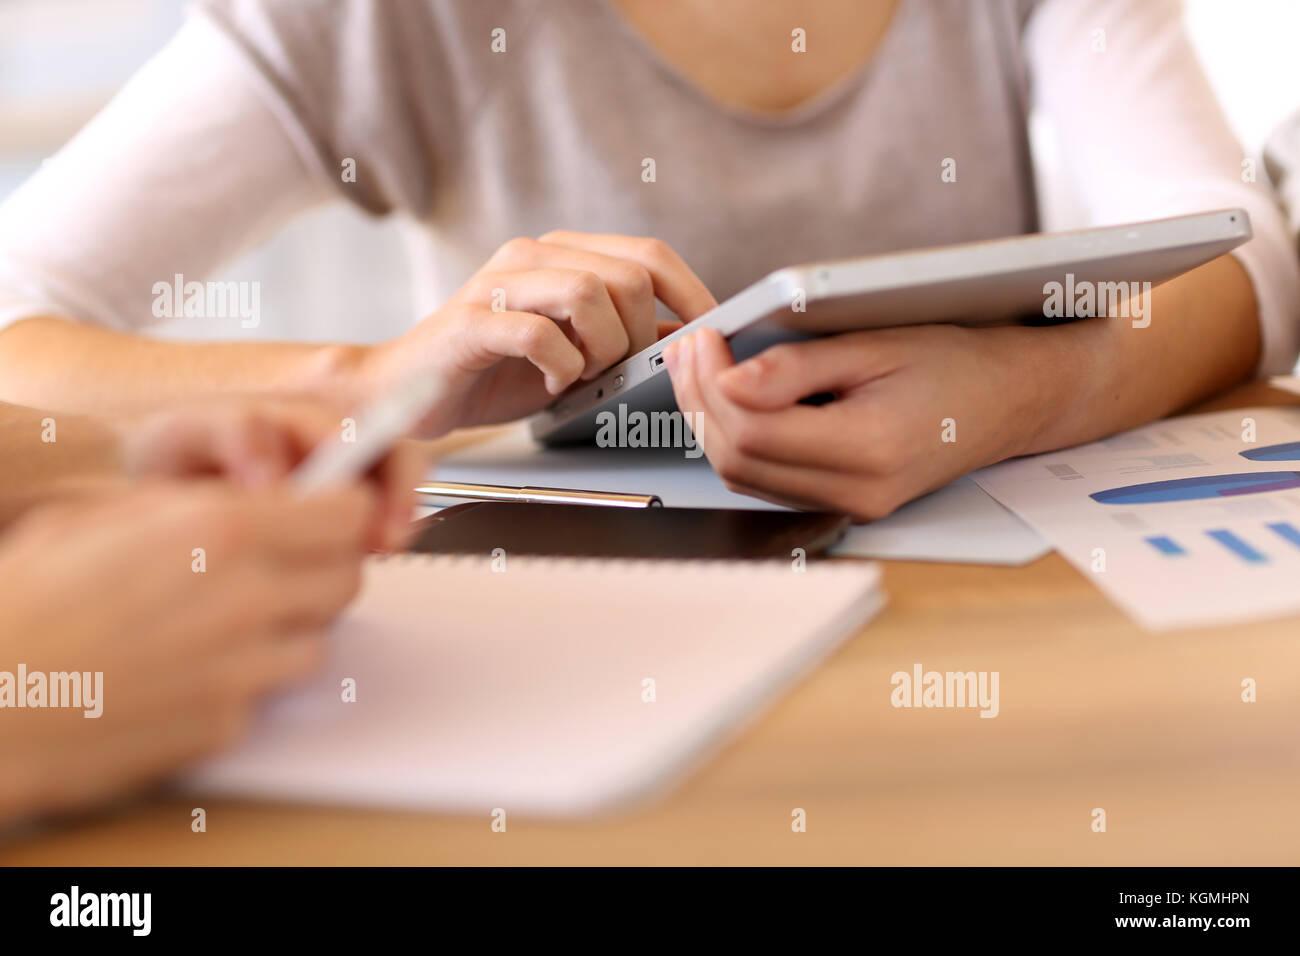 Personas en Office mediante tableta digital Imagen De Stock